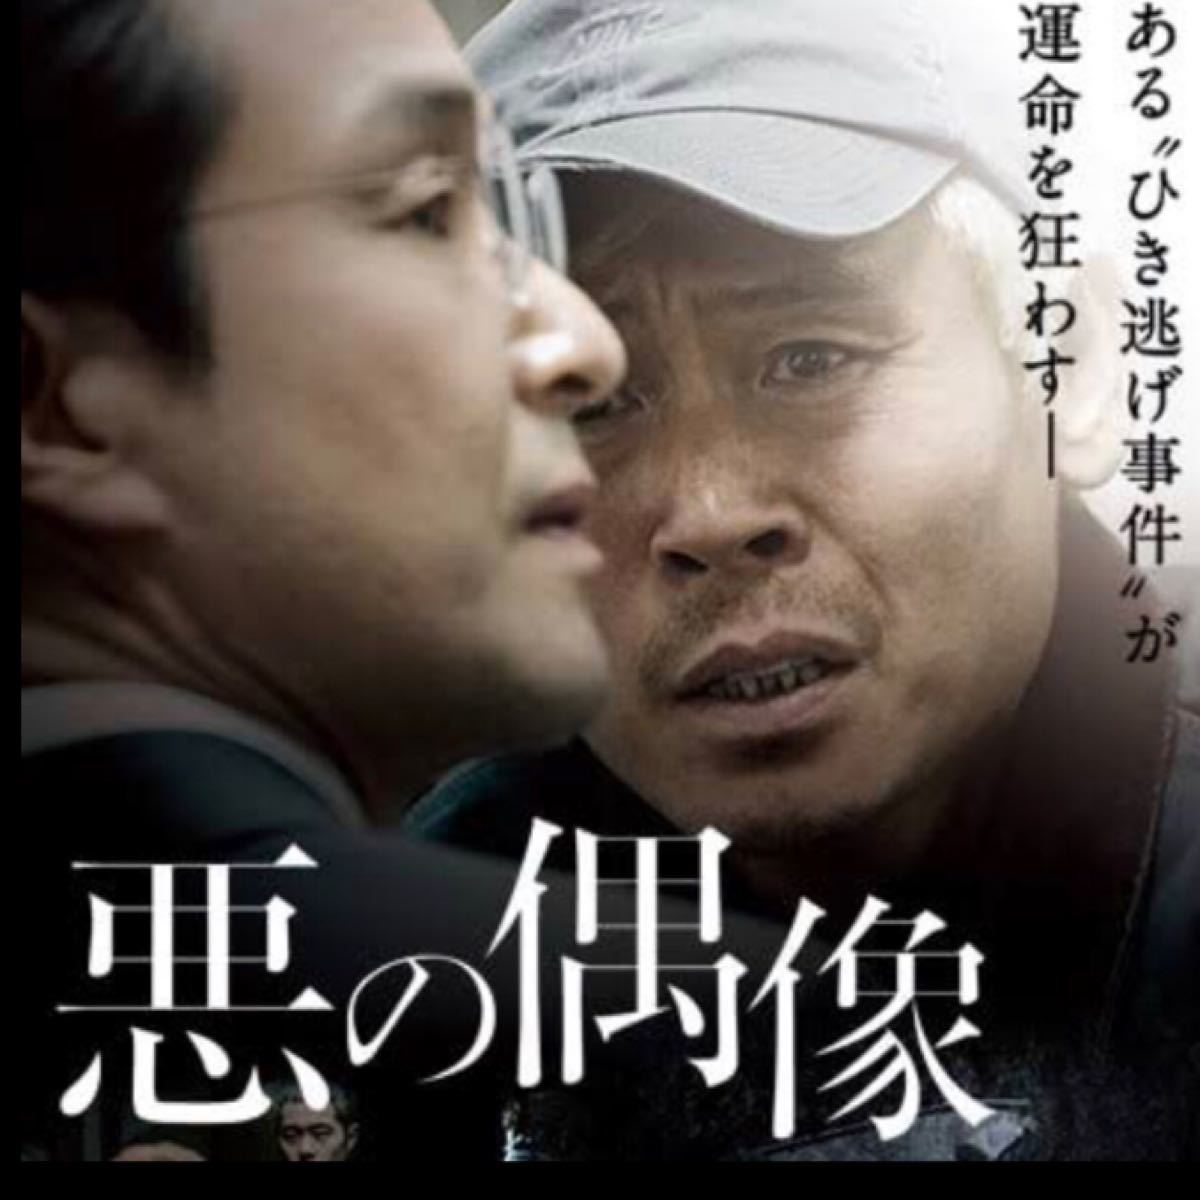 韓国映画  悪の偶像  ハン・ソッキュ  ソル・ギョング  DVD  日本語吹替有り  レーベル有り